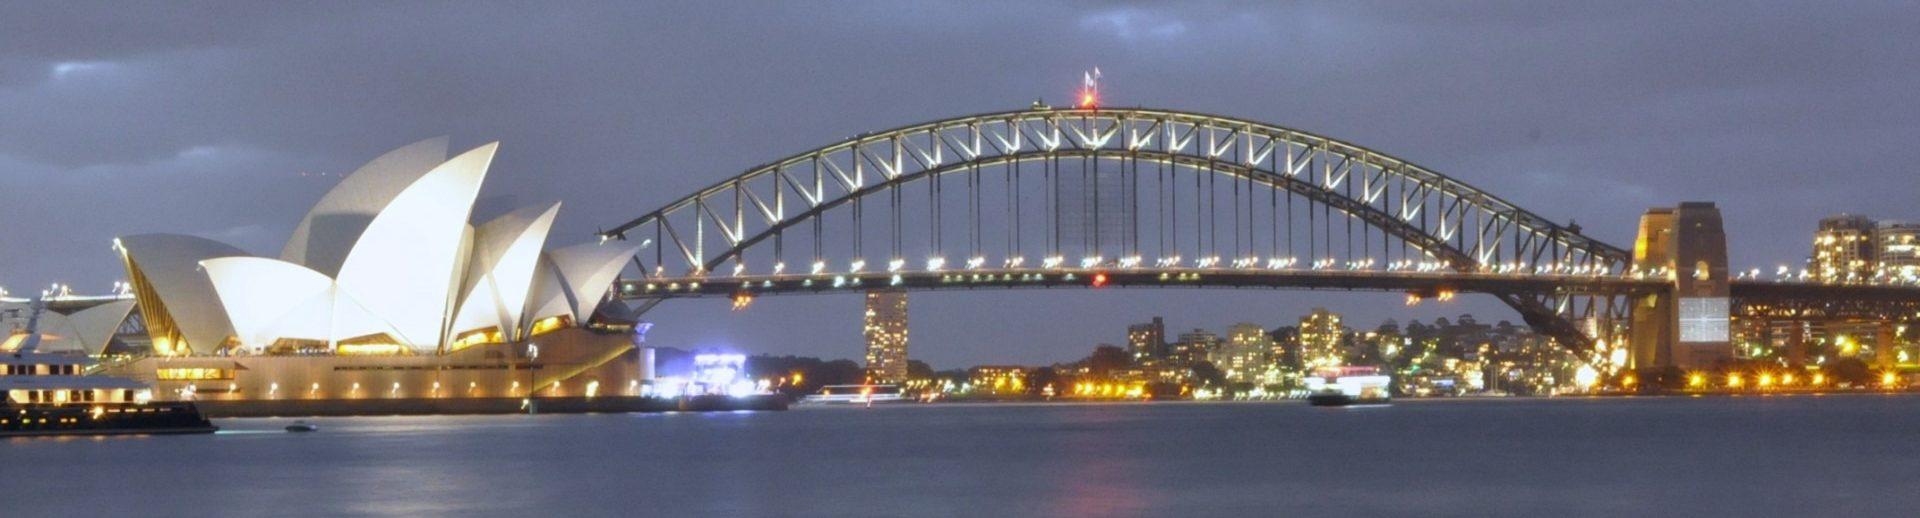 soh-w-harbour-and-bridge